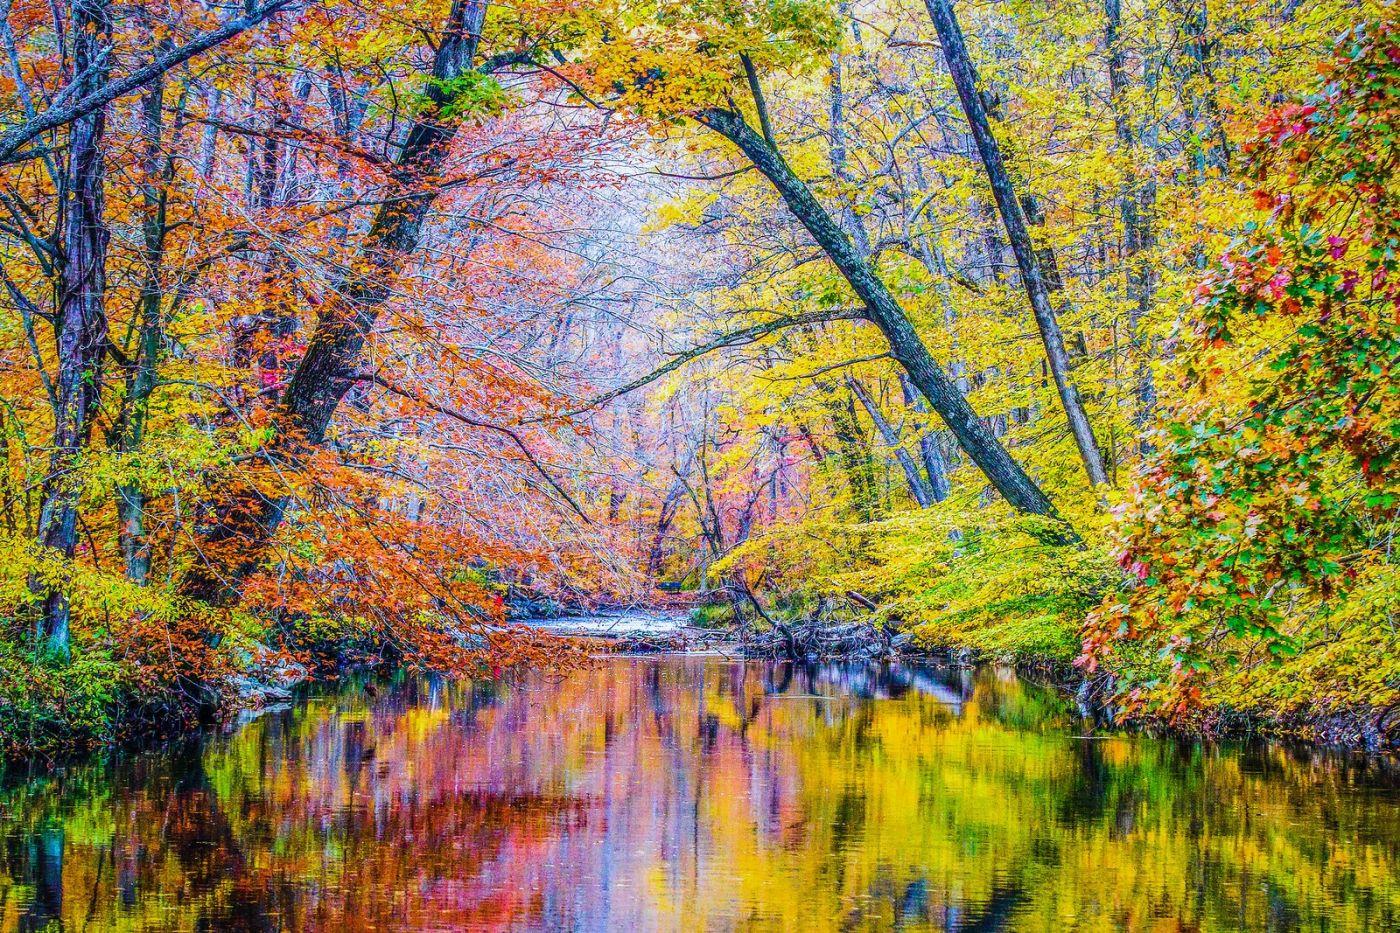 宾州雷德利克里克公园(Ridley creek park),如梦的画面_图1-34